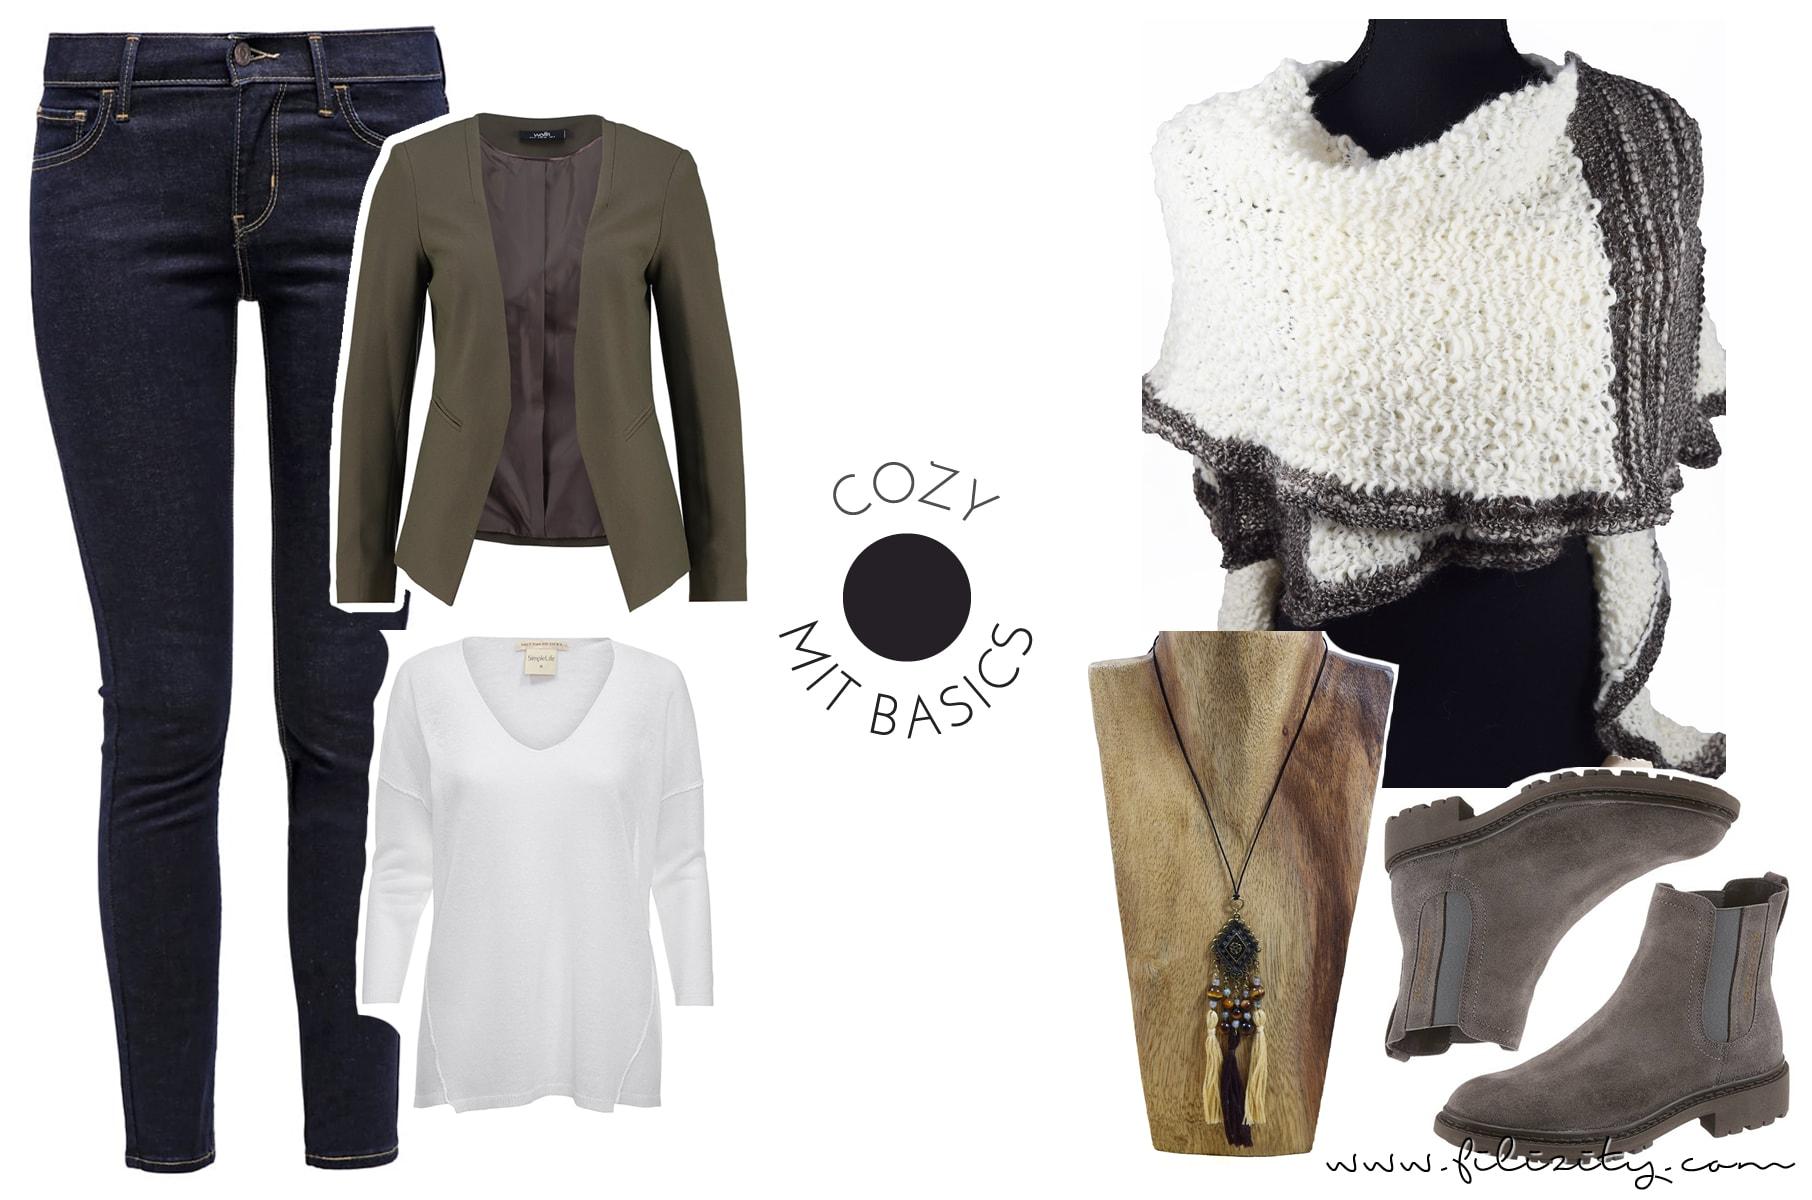 Cozy Look für den Herbst mit Jeans, Pullover und Blazerjacke